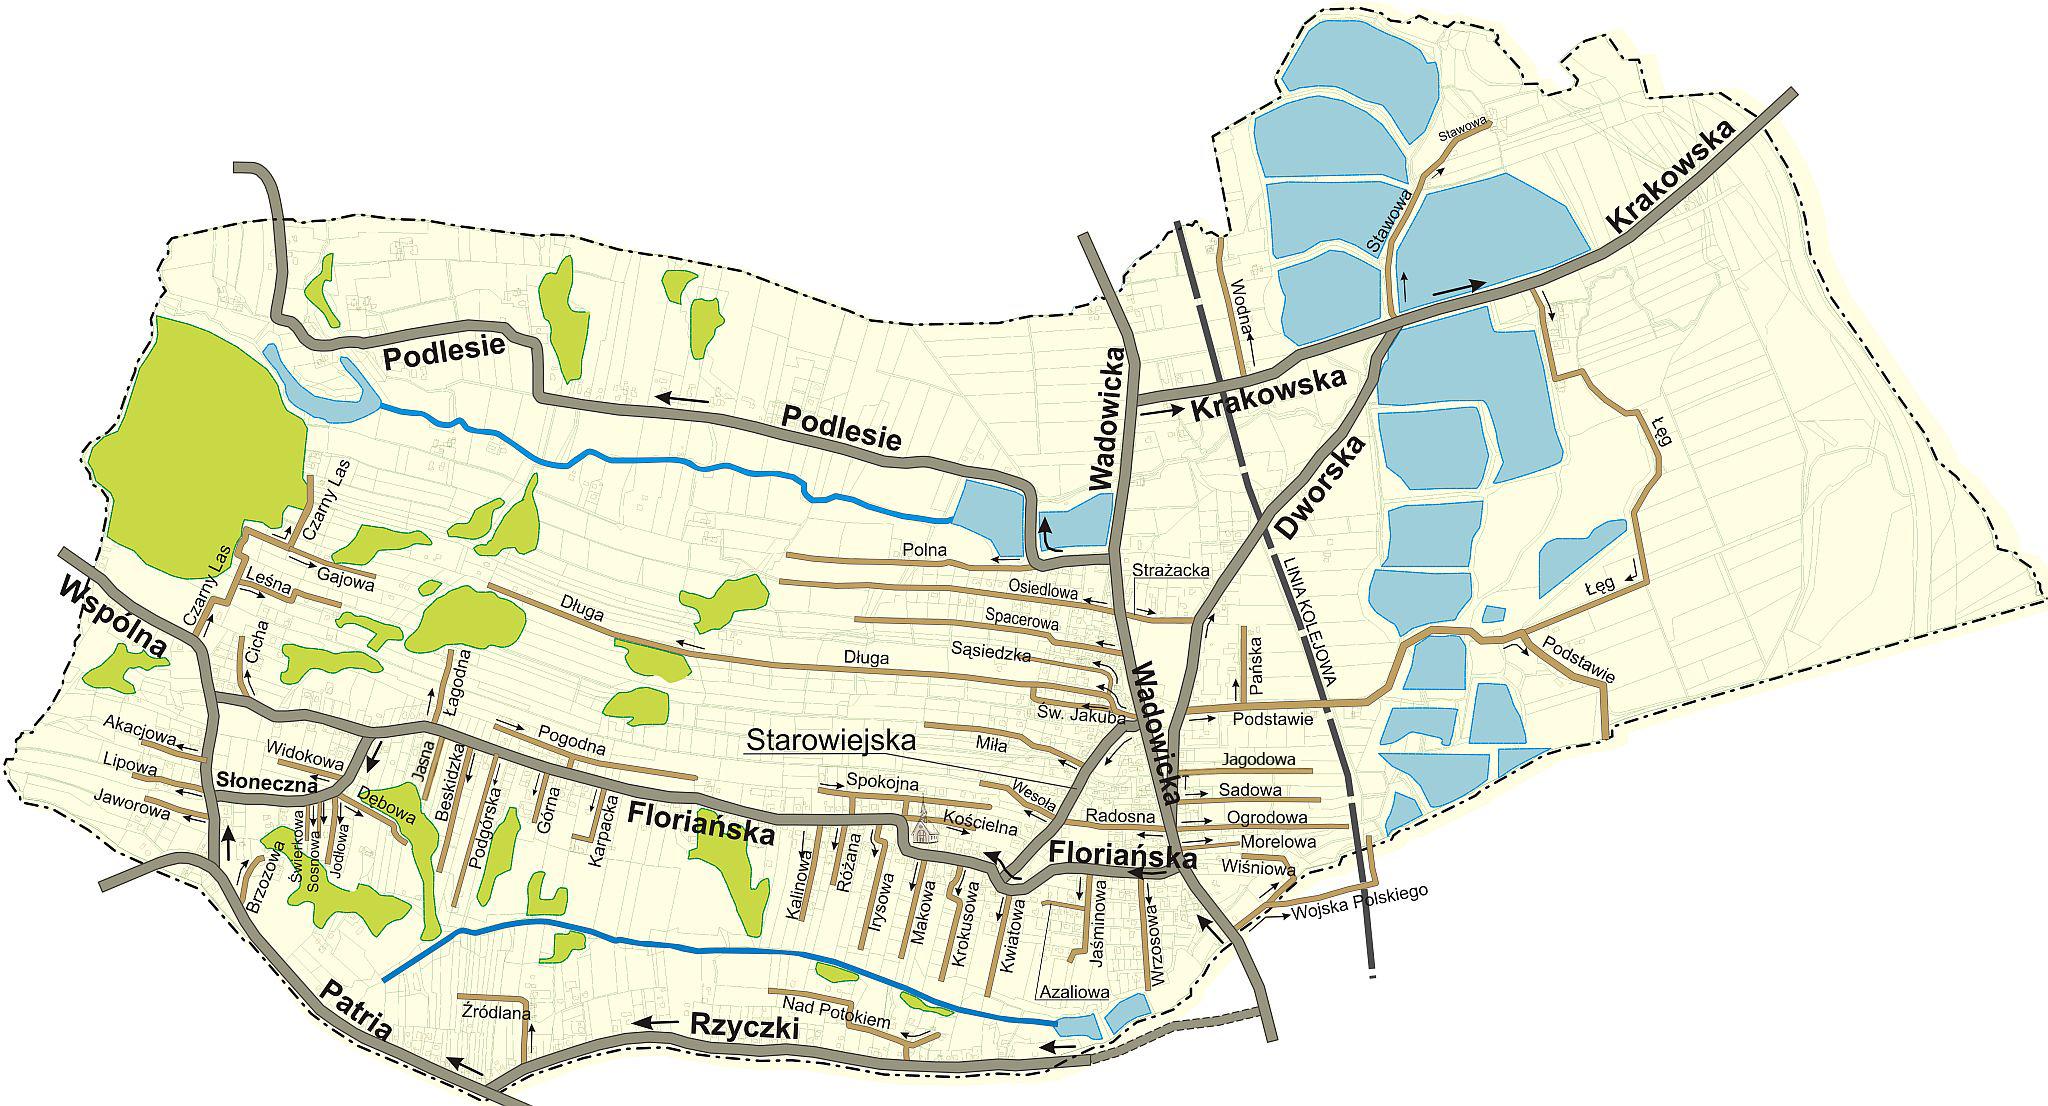 Nazewnictwo ulic w sołectwach gminy Tomice - mapy